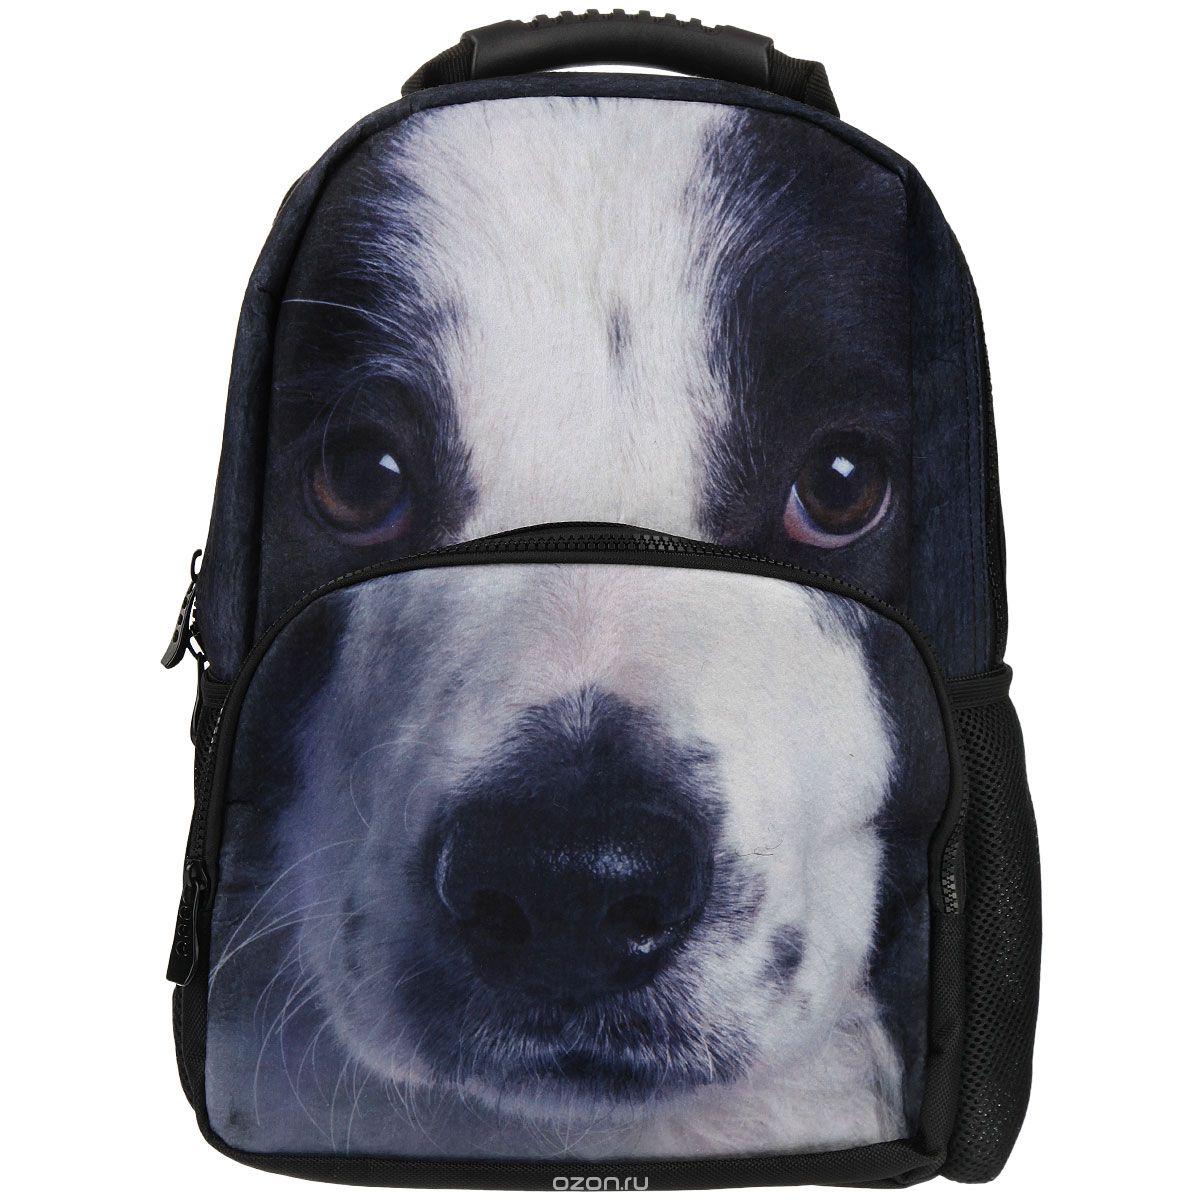 Рюкзак школьный Trend Line Puppy, цвет: черныйNR_00049Стильный школьный рюкзак Trend Line выполнен из полиэстера, дополнен вставкой из флиса, которая оформлена художественной печатью с изображением Puppy. Рюкзак имеет одно основное отделение, закрывающееся на застежку-молнию. Снаружи, на лицевой стороне, рюкзака размещен накладной карман на молнии, внутри которого предусмотрен еще один накладной карман на липучке. С двух сторон изделия расположены два накладных сетчатых кармашка. В верхней части изделия предусмотрена эргономичная ручка для переноски, а также предусмотрены регулируемые лямки. Такой рюкзак станет незаменимым спутником вашего ребенка в походах за знаниями.